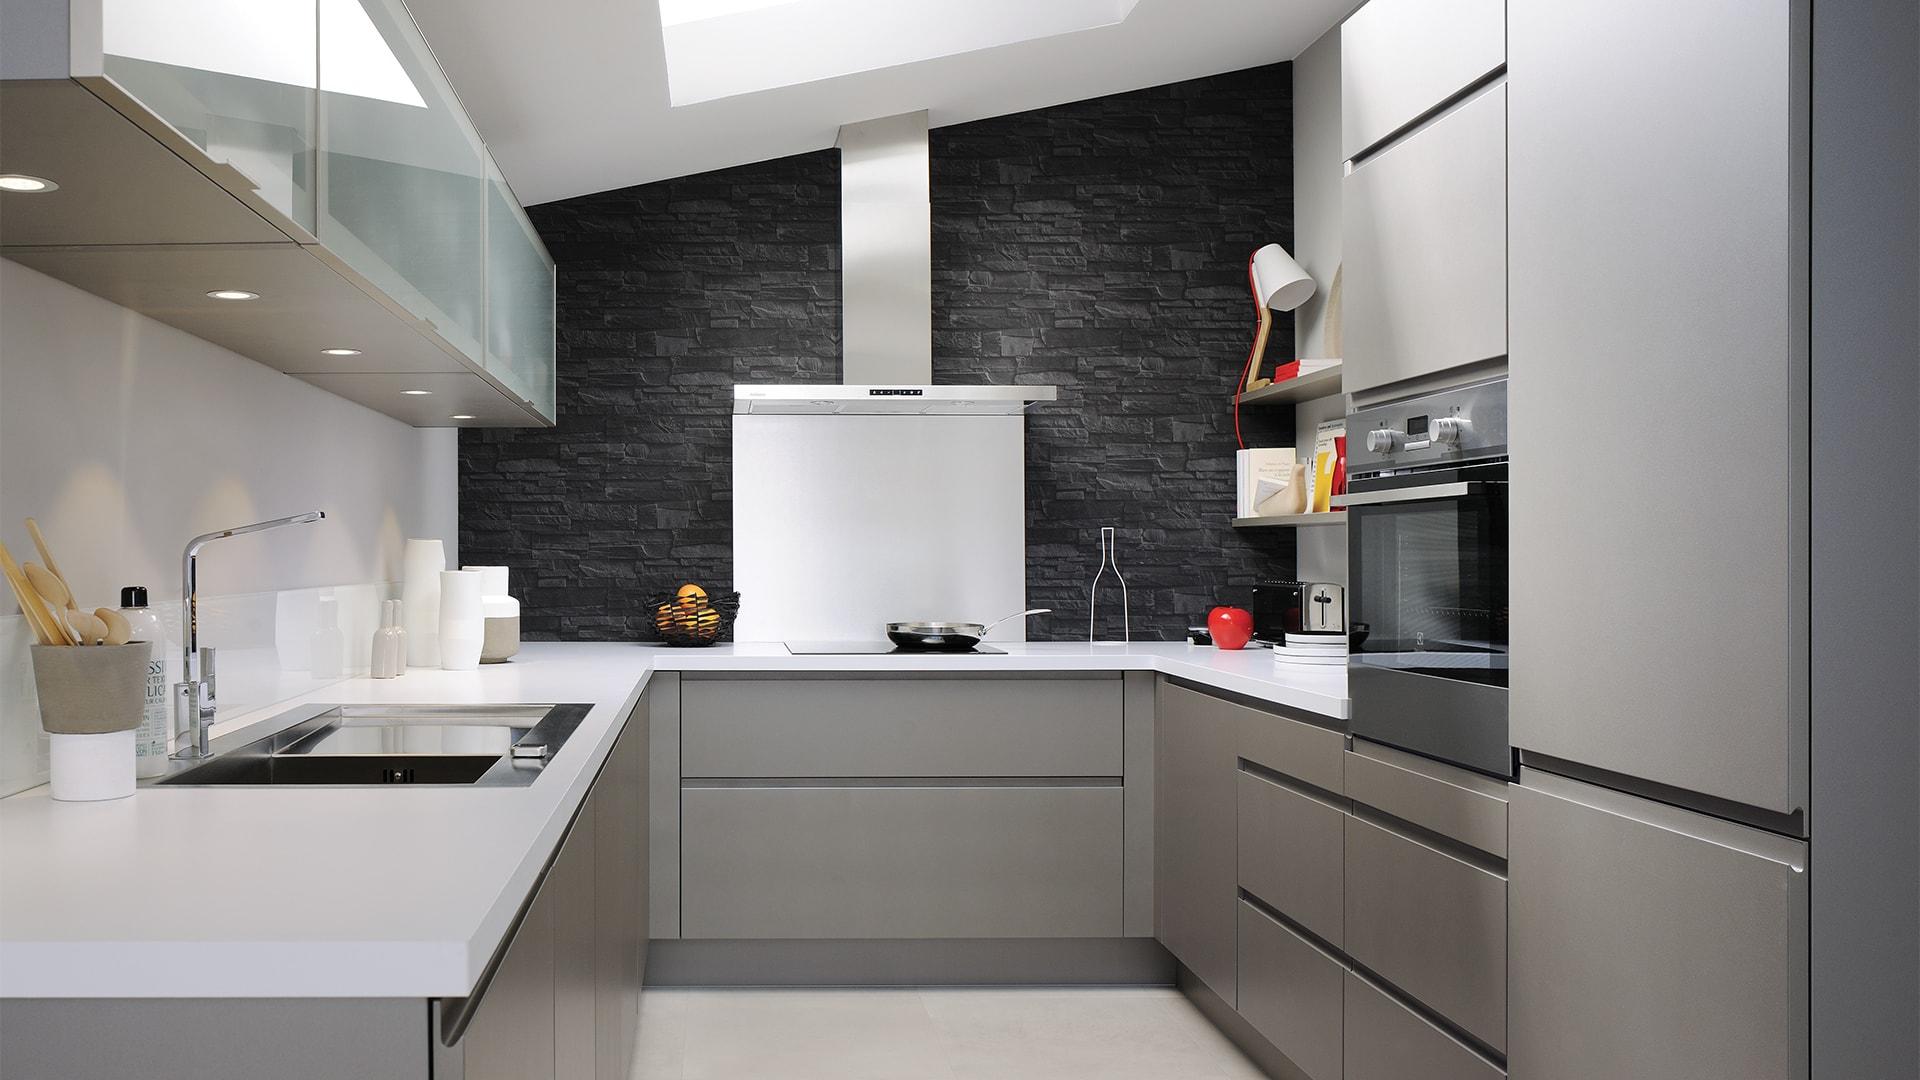 Pourquoi pr f rer une configuration de cuisine en u for Meuble cuisinella